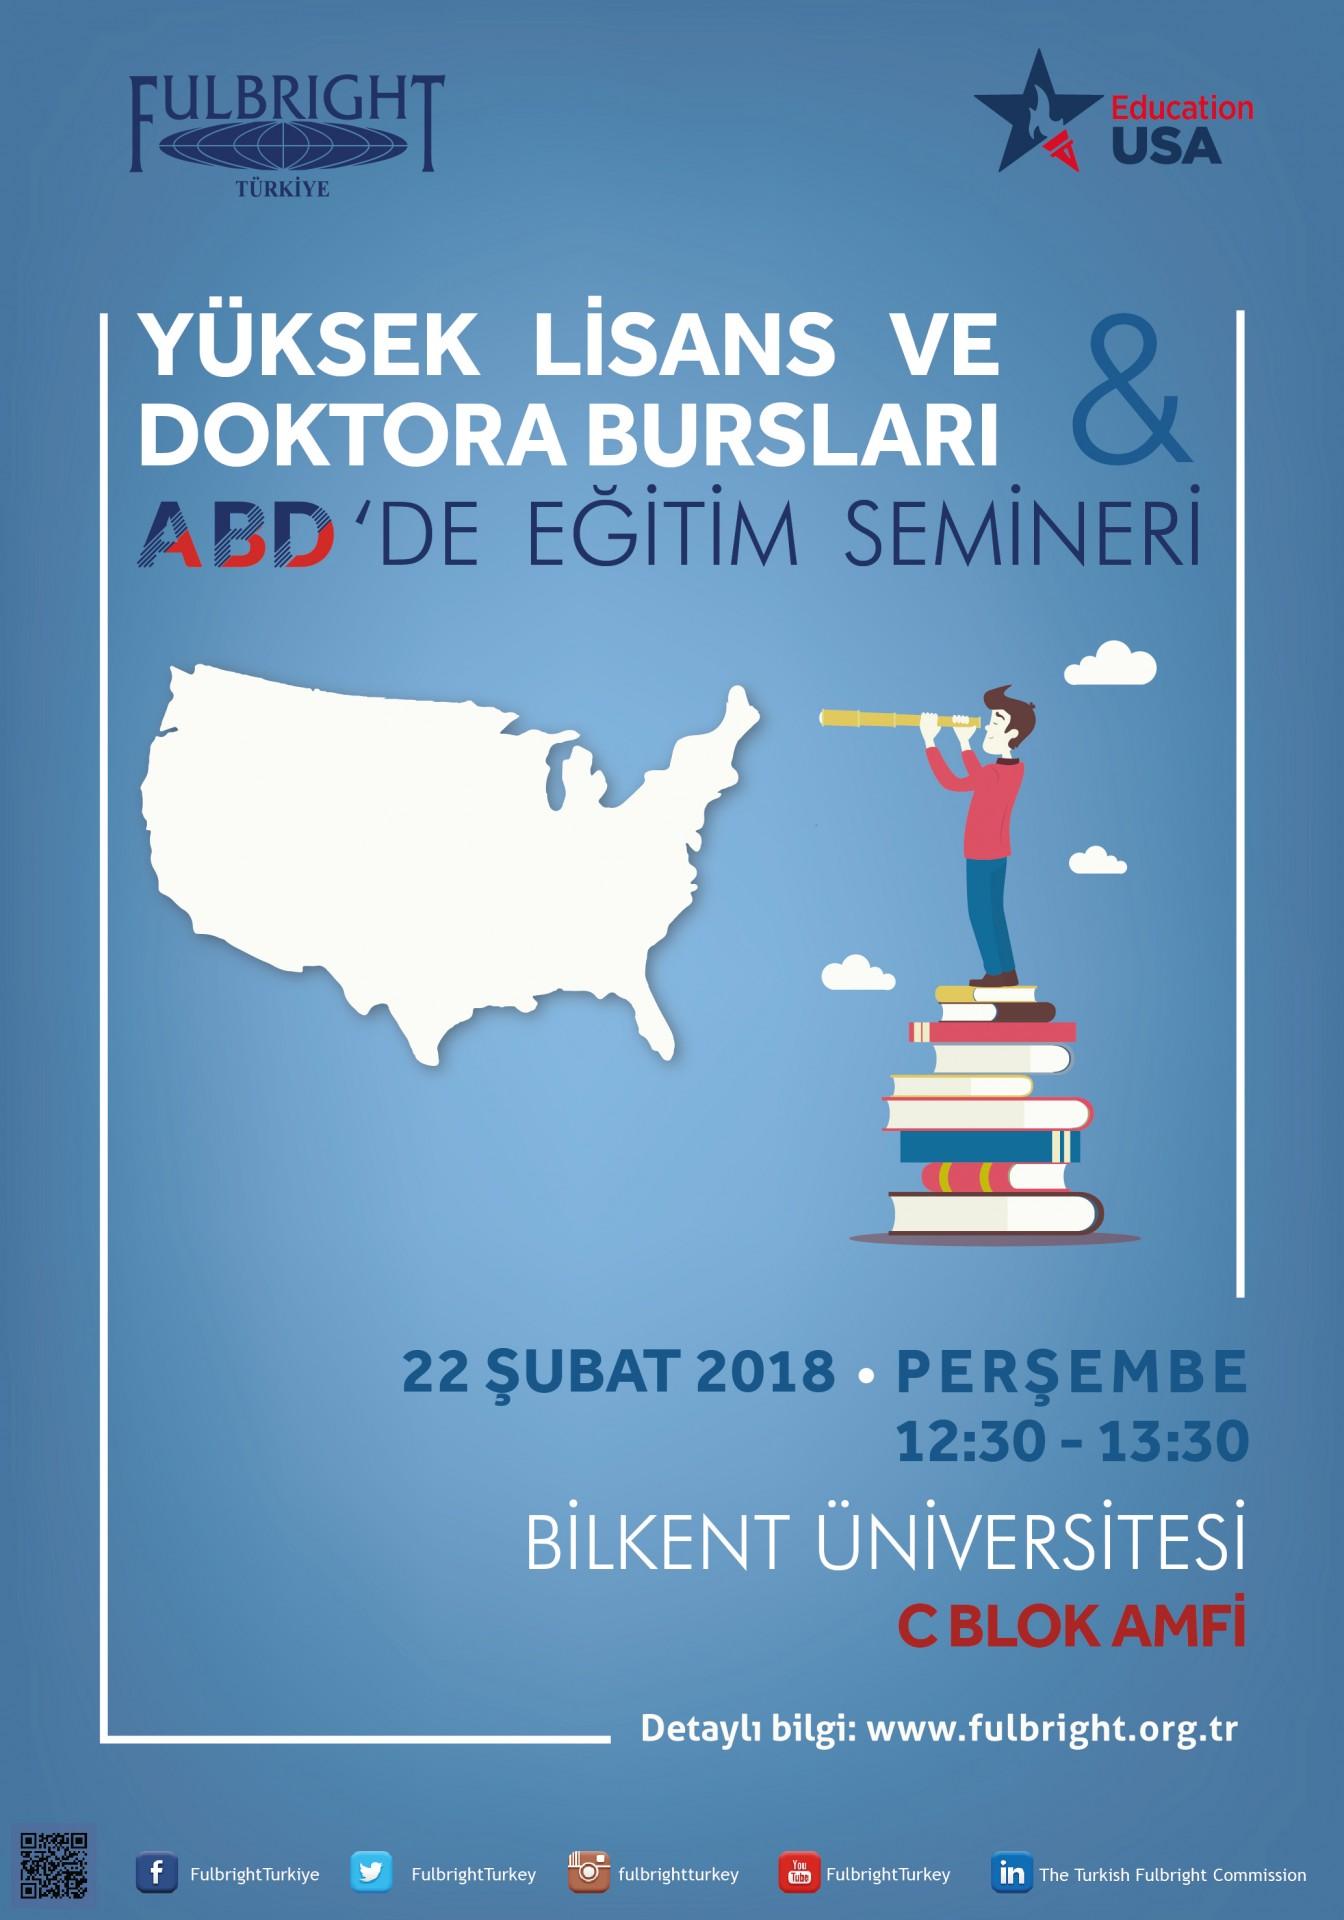 Fulbright Yüksek Lisans/Doktora Bursları& ABD'de Eğitim Semineri 1